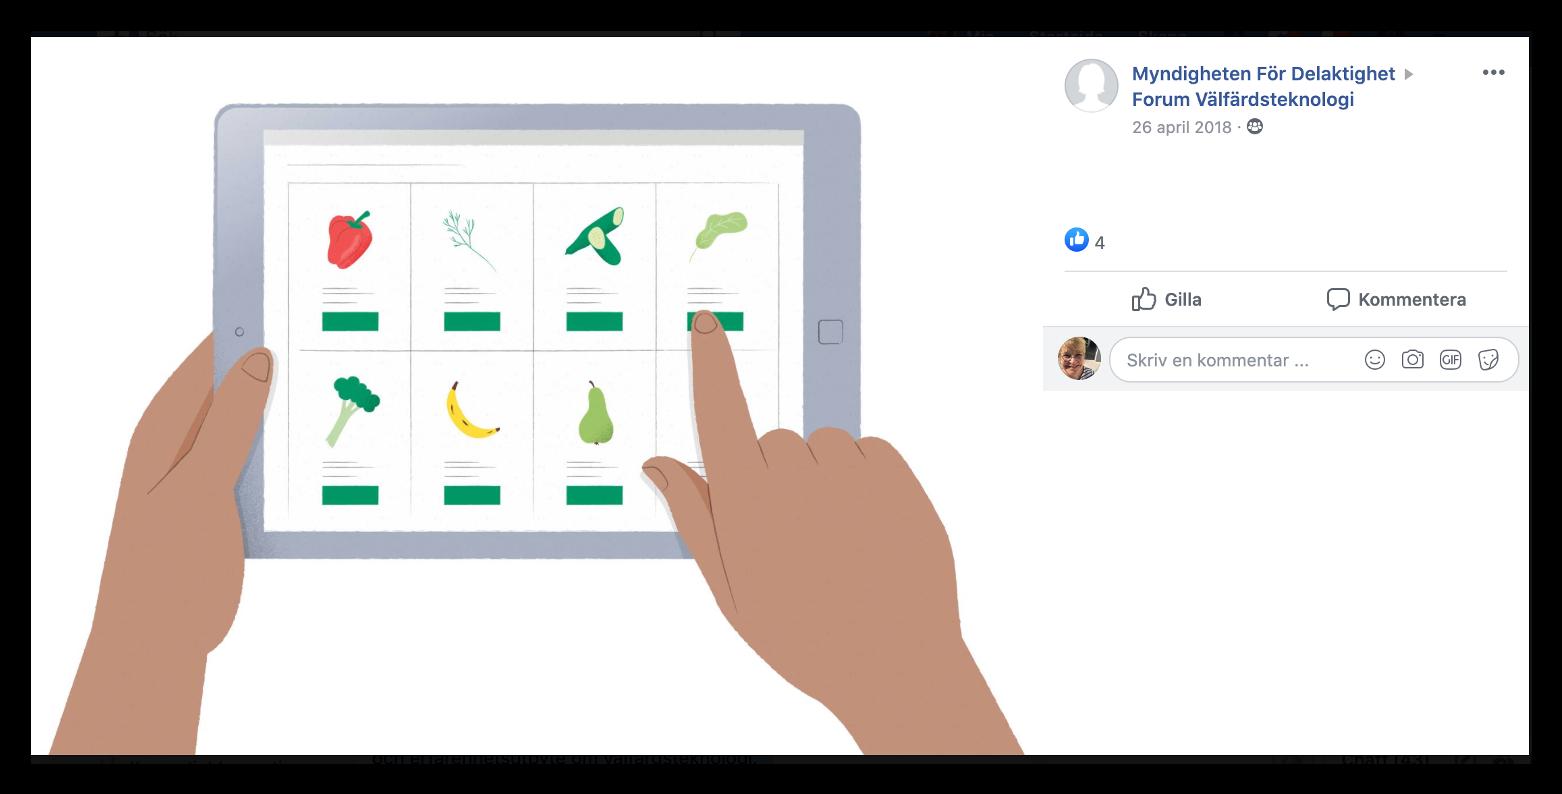 Facebookgruppens bild en hand som pekar på en symbol i surfplattan